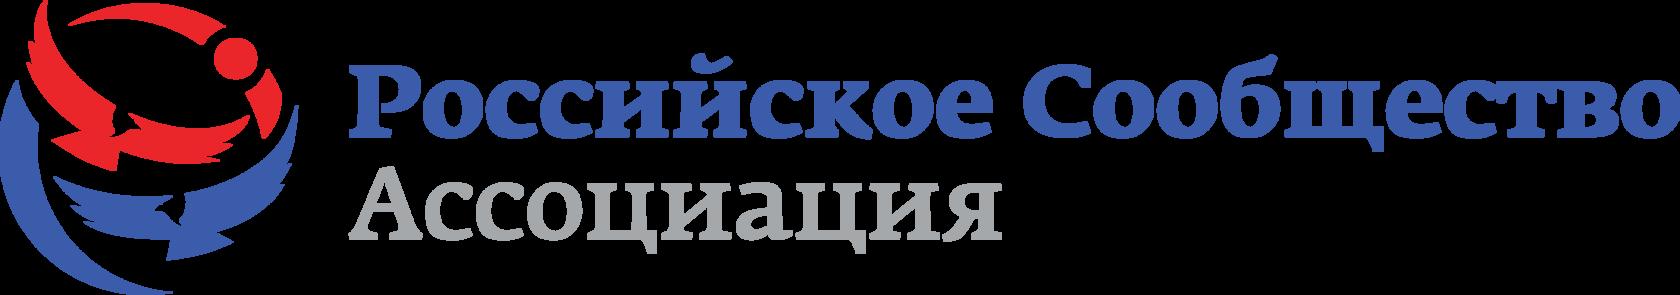 АССОЦИАЦИЯ «РОССИЙСКОЕ СООБЩЕСТВО»